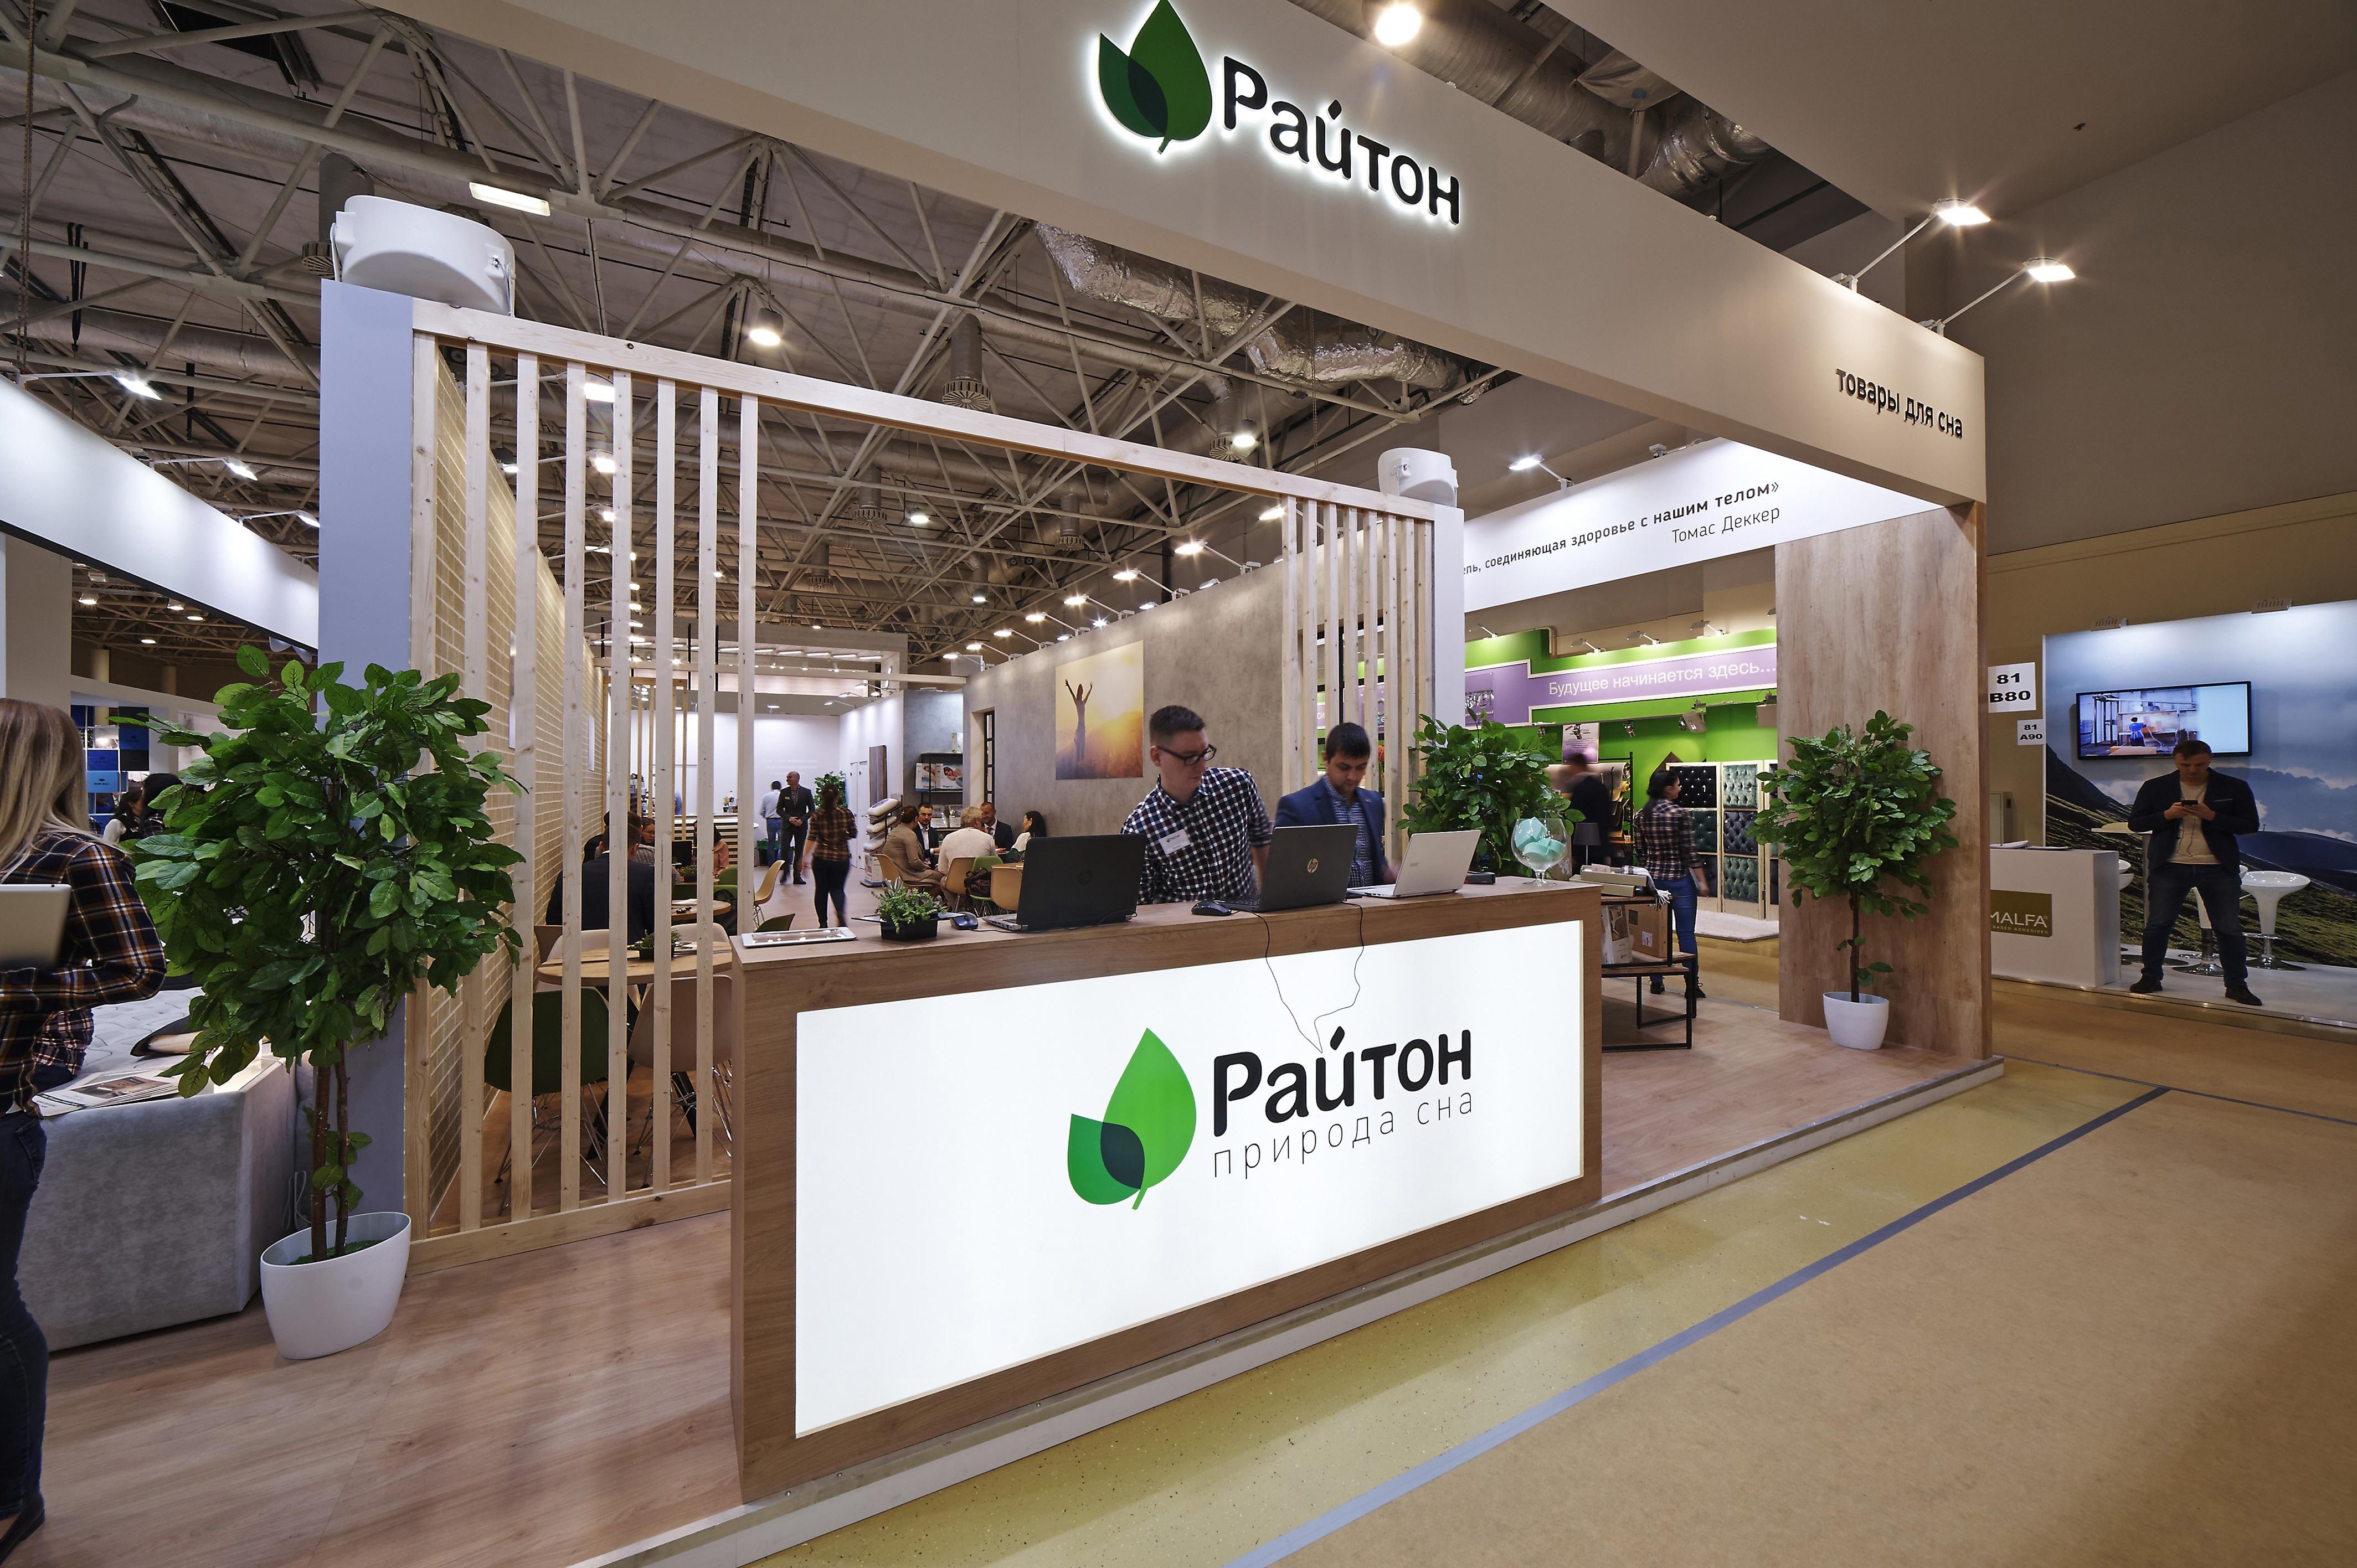 Raiton_300dpi_17